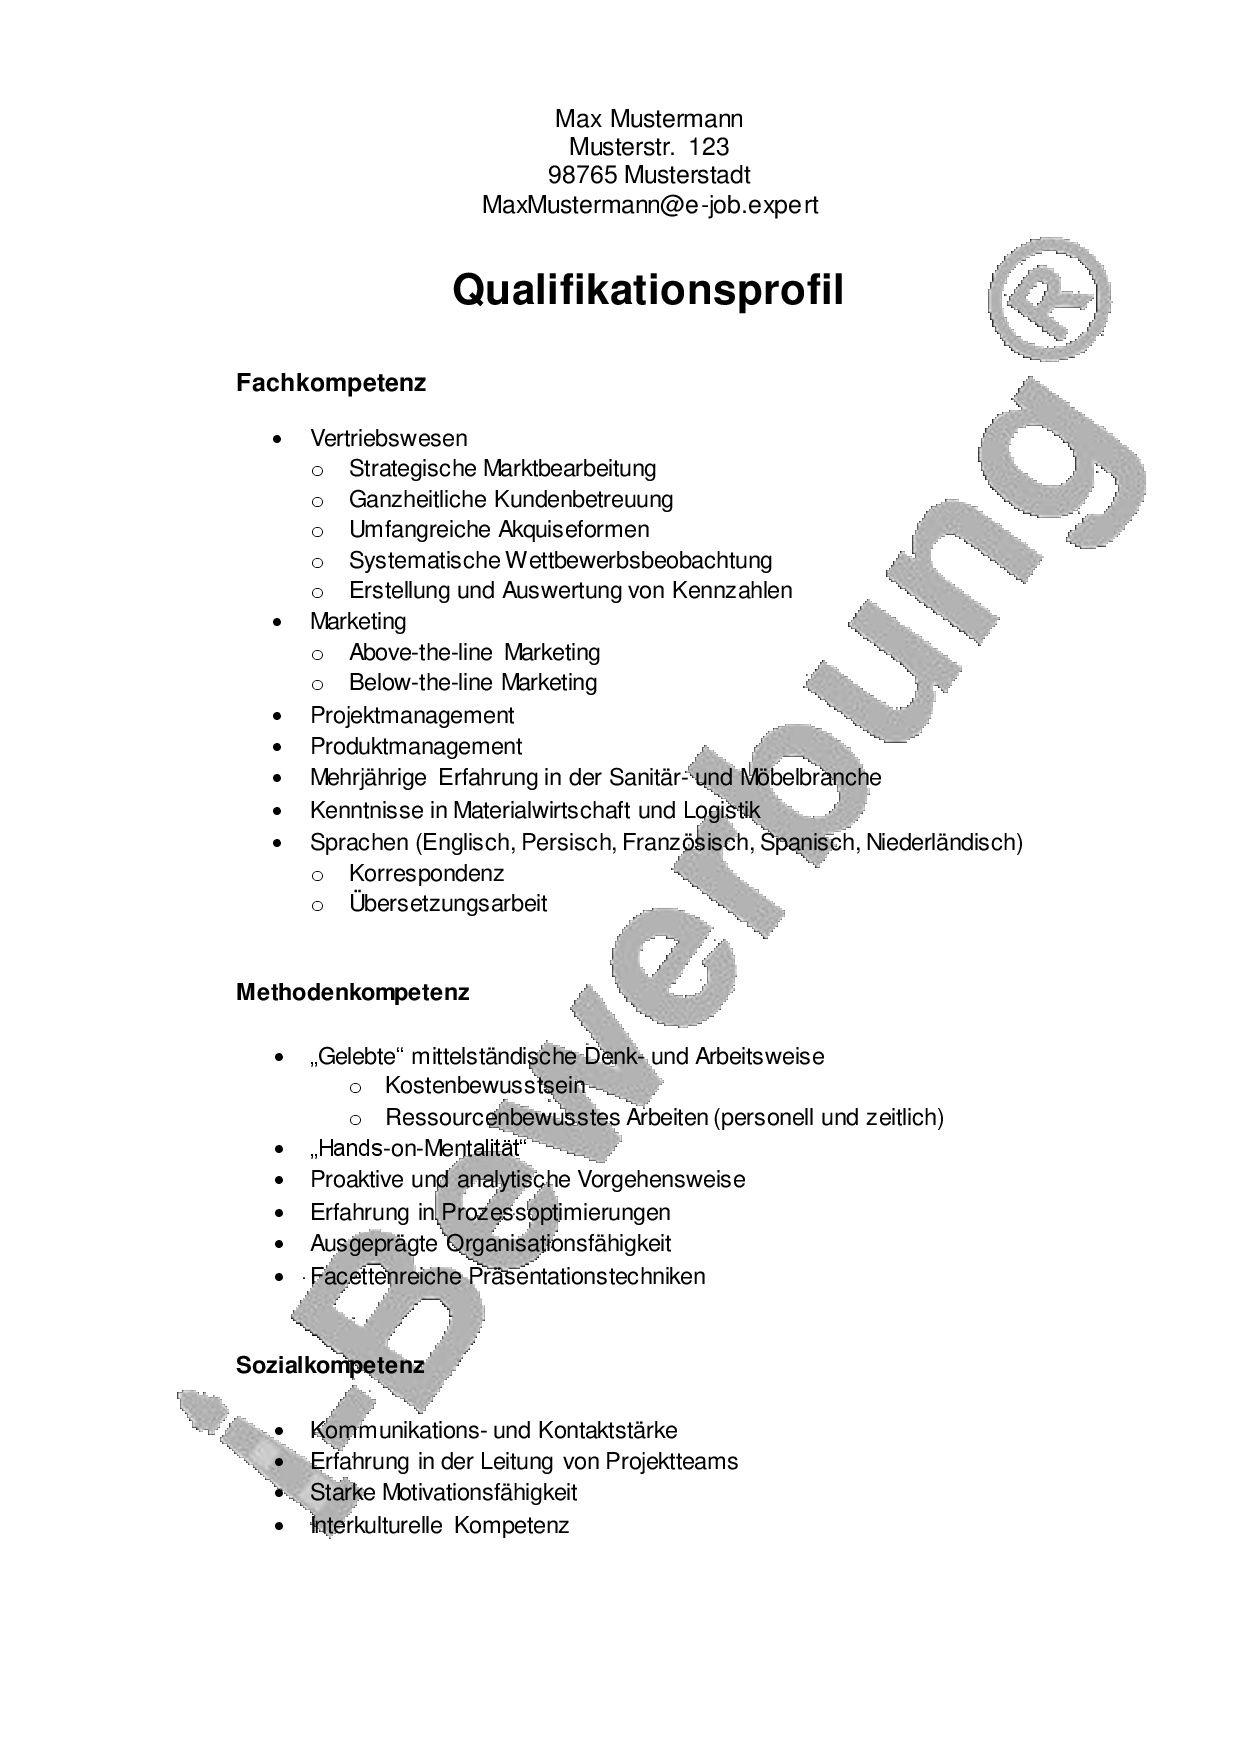 Schön Lebenslauf Vorlage Mehrere Berufsbezeichnungen Galerie - Entry ...